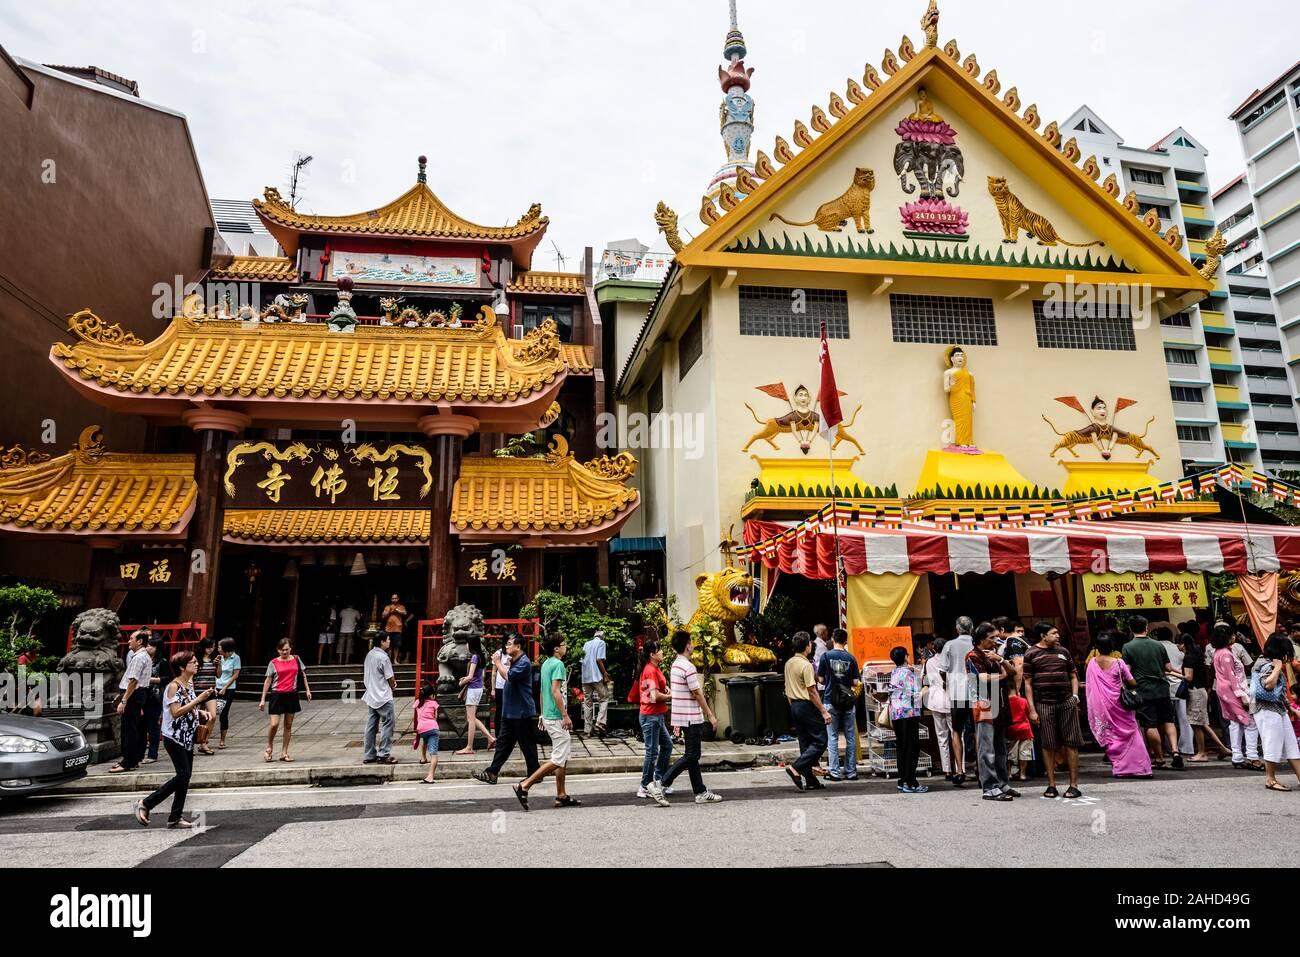 Sakya Muni or Sakyamuni Buddha Gaya Temple, Temple of 1000 Lights, district of Little India, Singapore Stock Photo